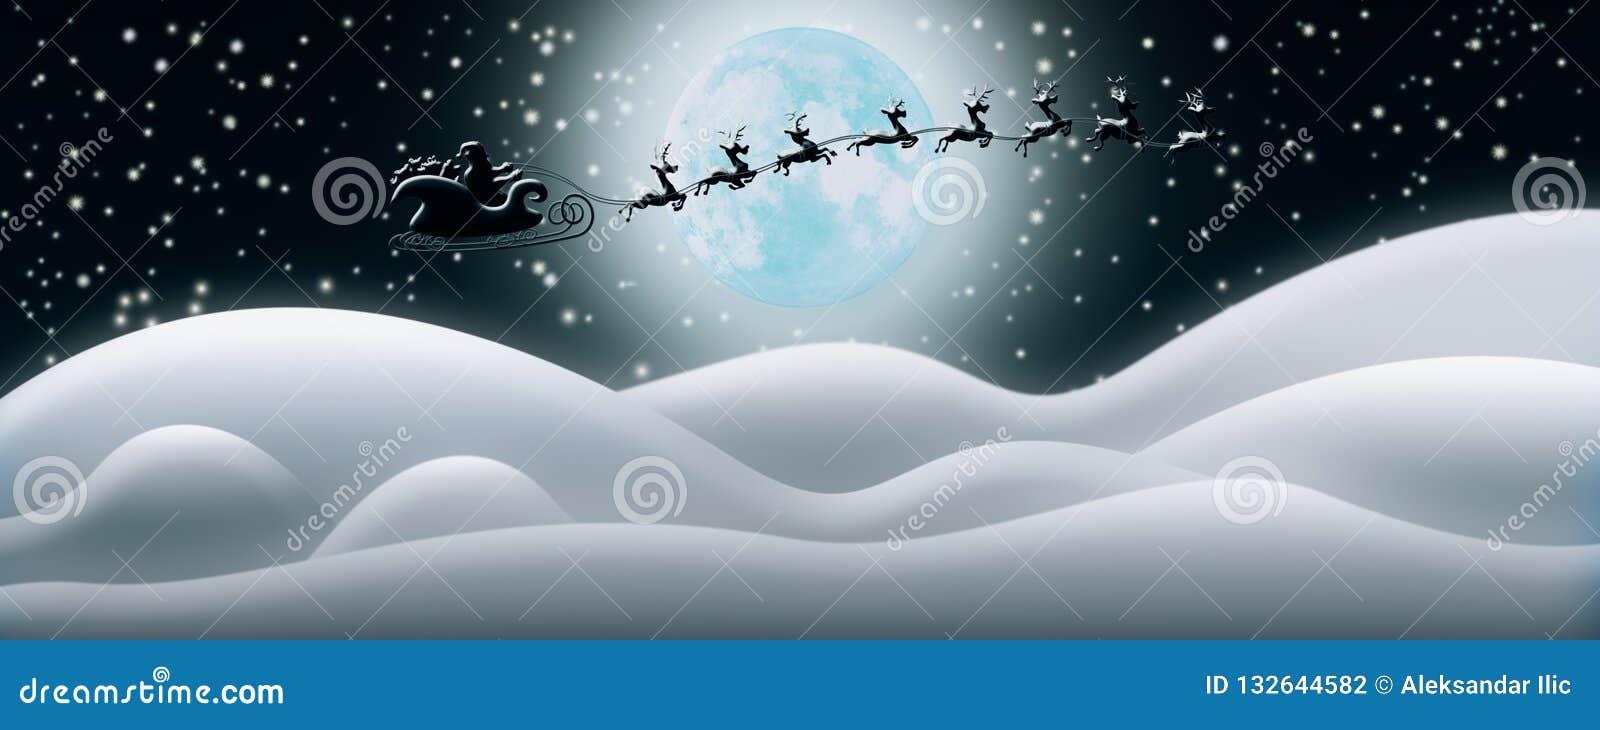 Santa Claus Rides Reindeer Sleigh in Kerstnacht over Sn